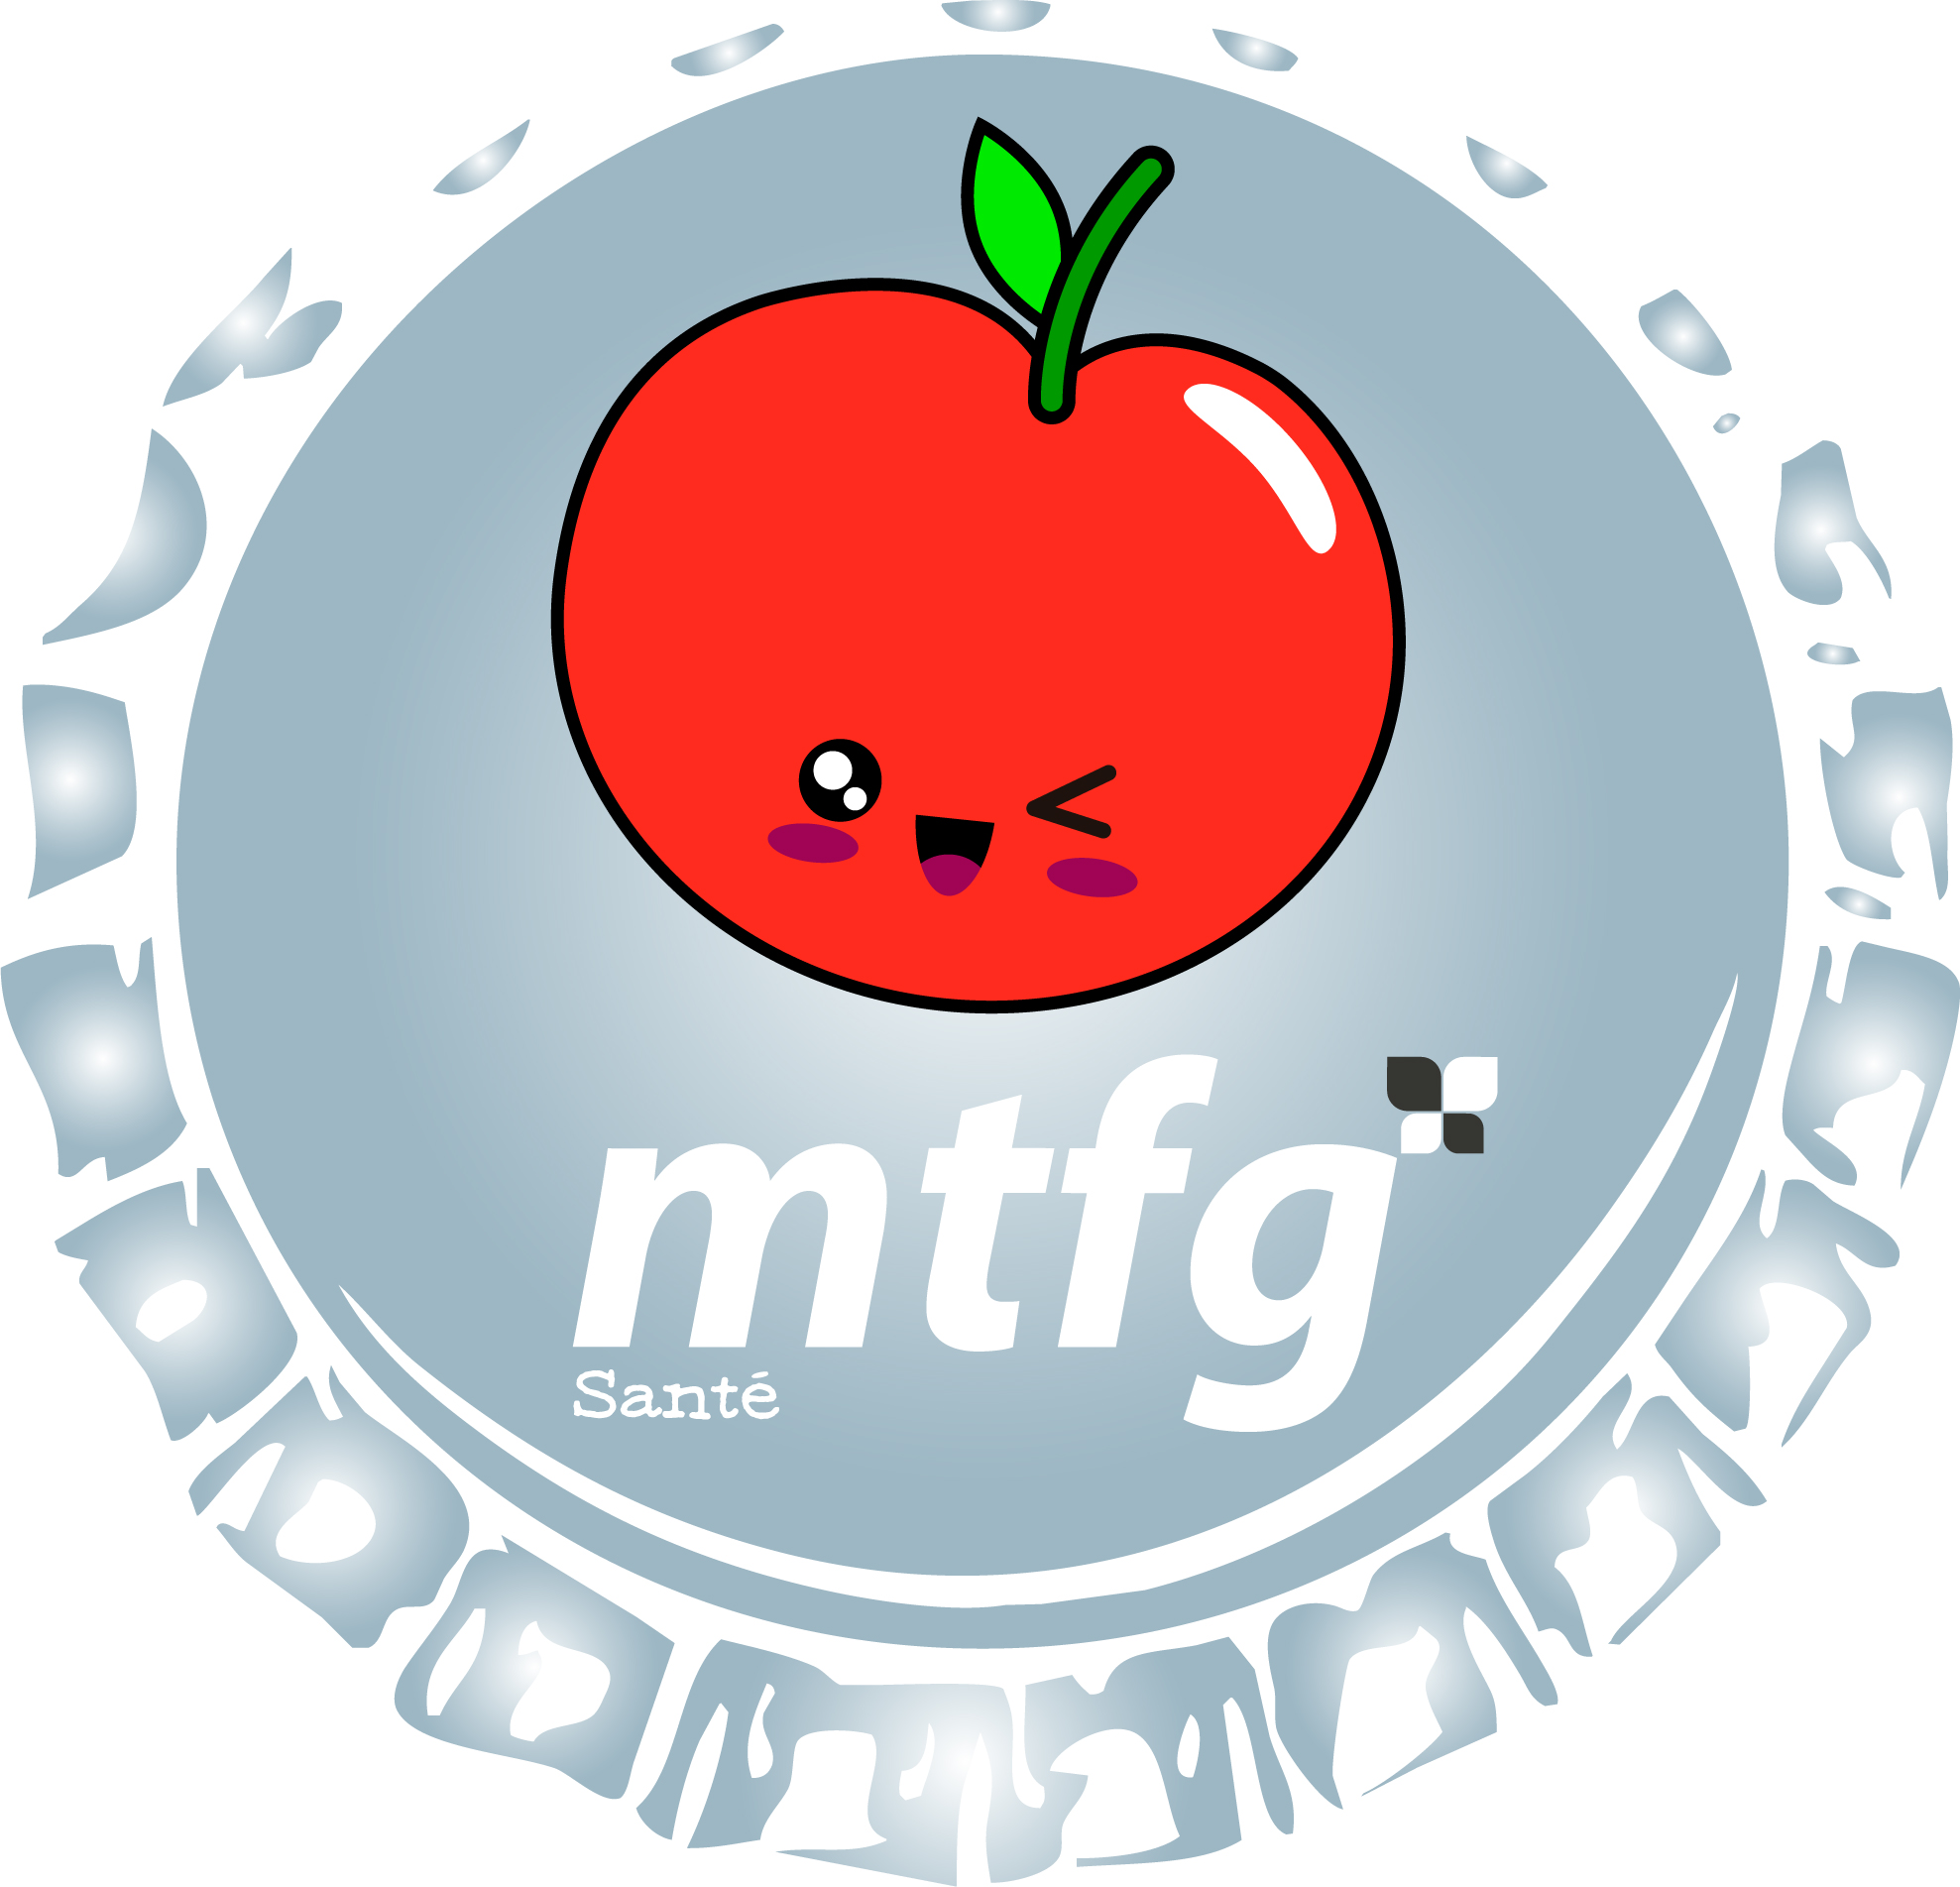 MTFG Santé